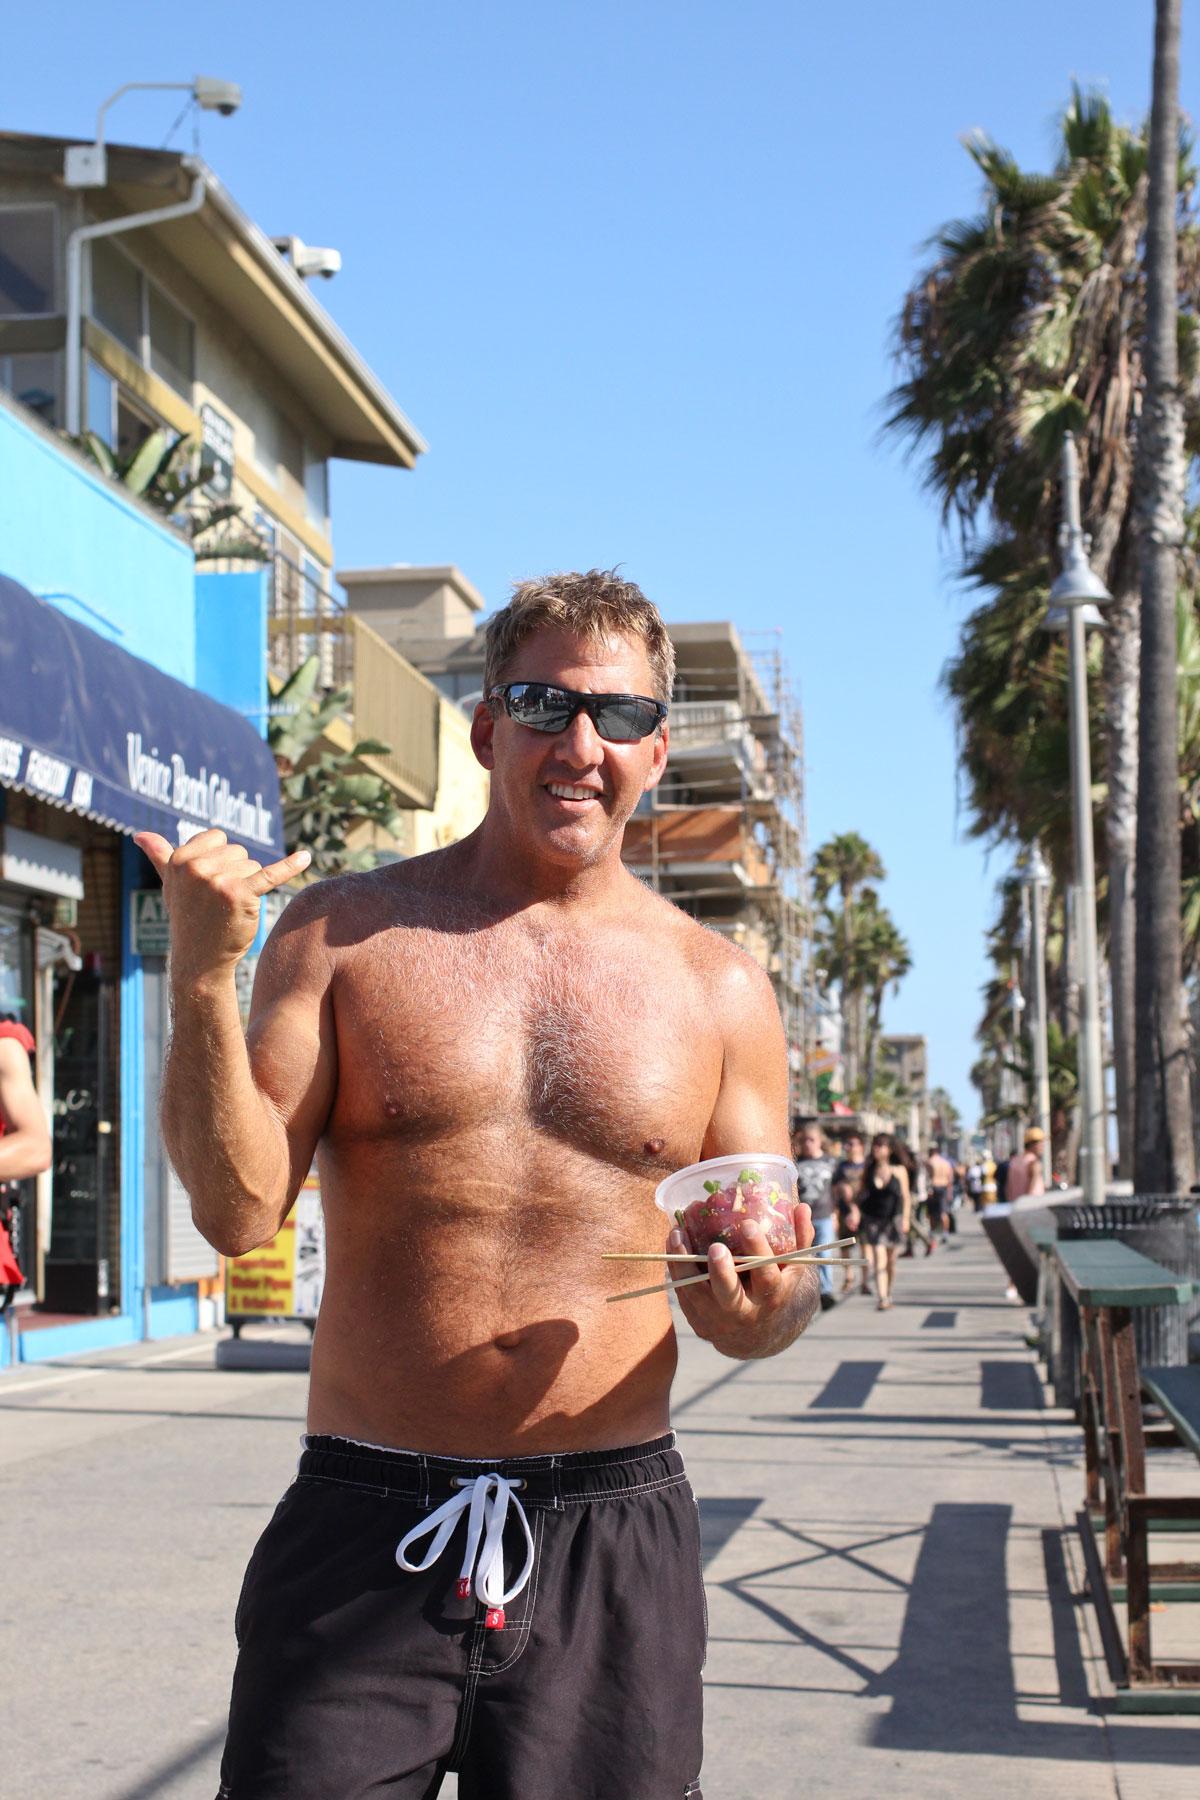 muscle-beach-man-on-boardwalk